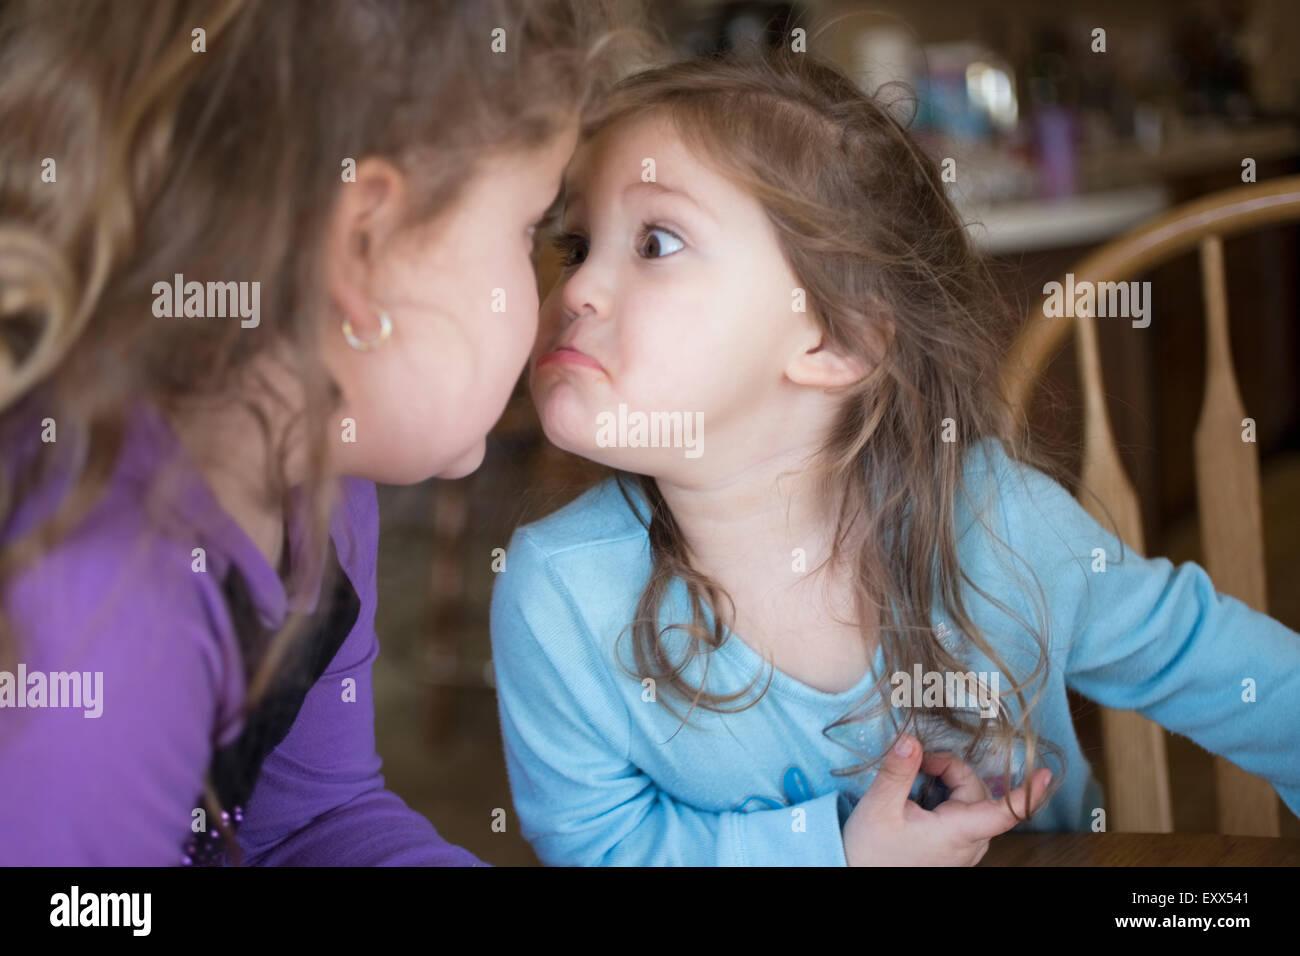 Hermanas haciendo caras en cada uno de los otros Imagen De Stock